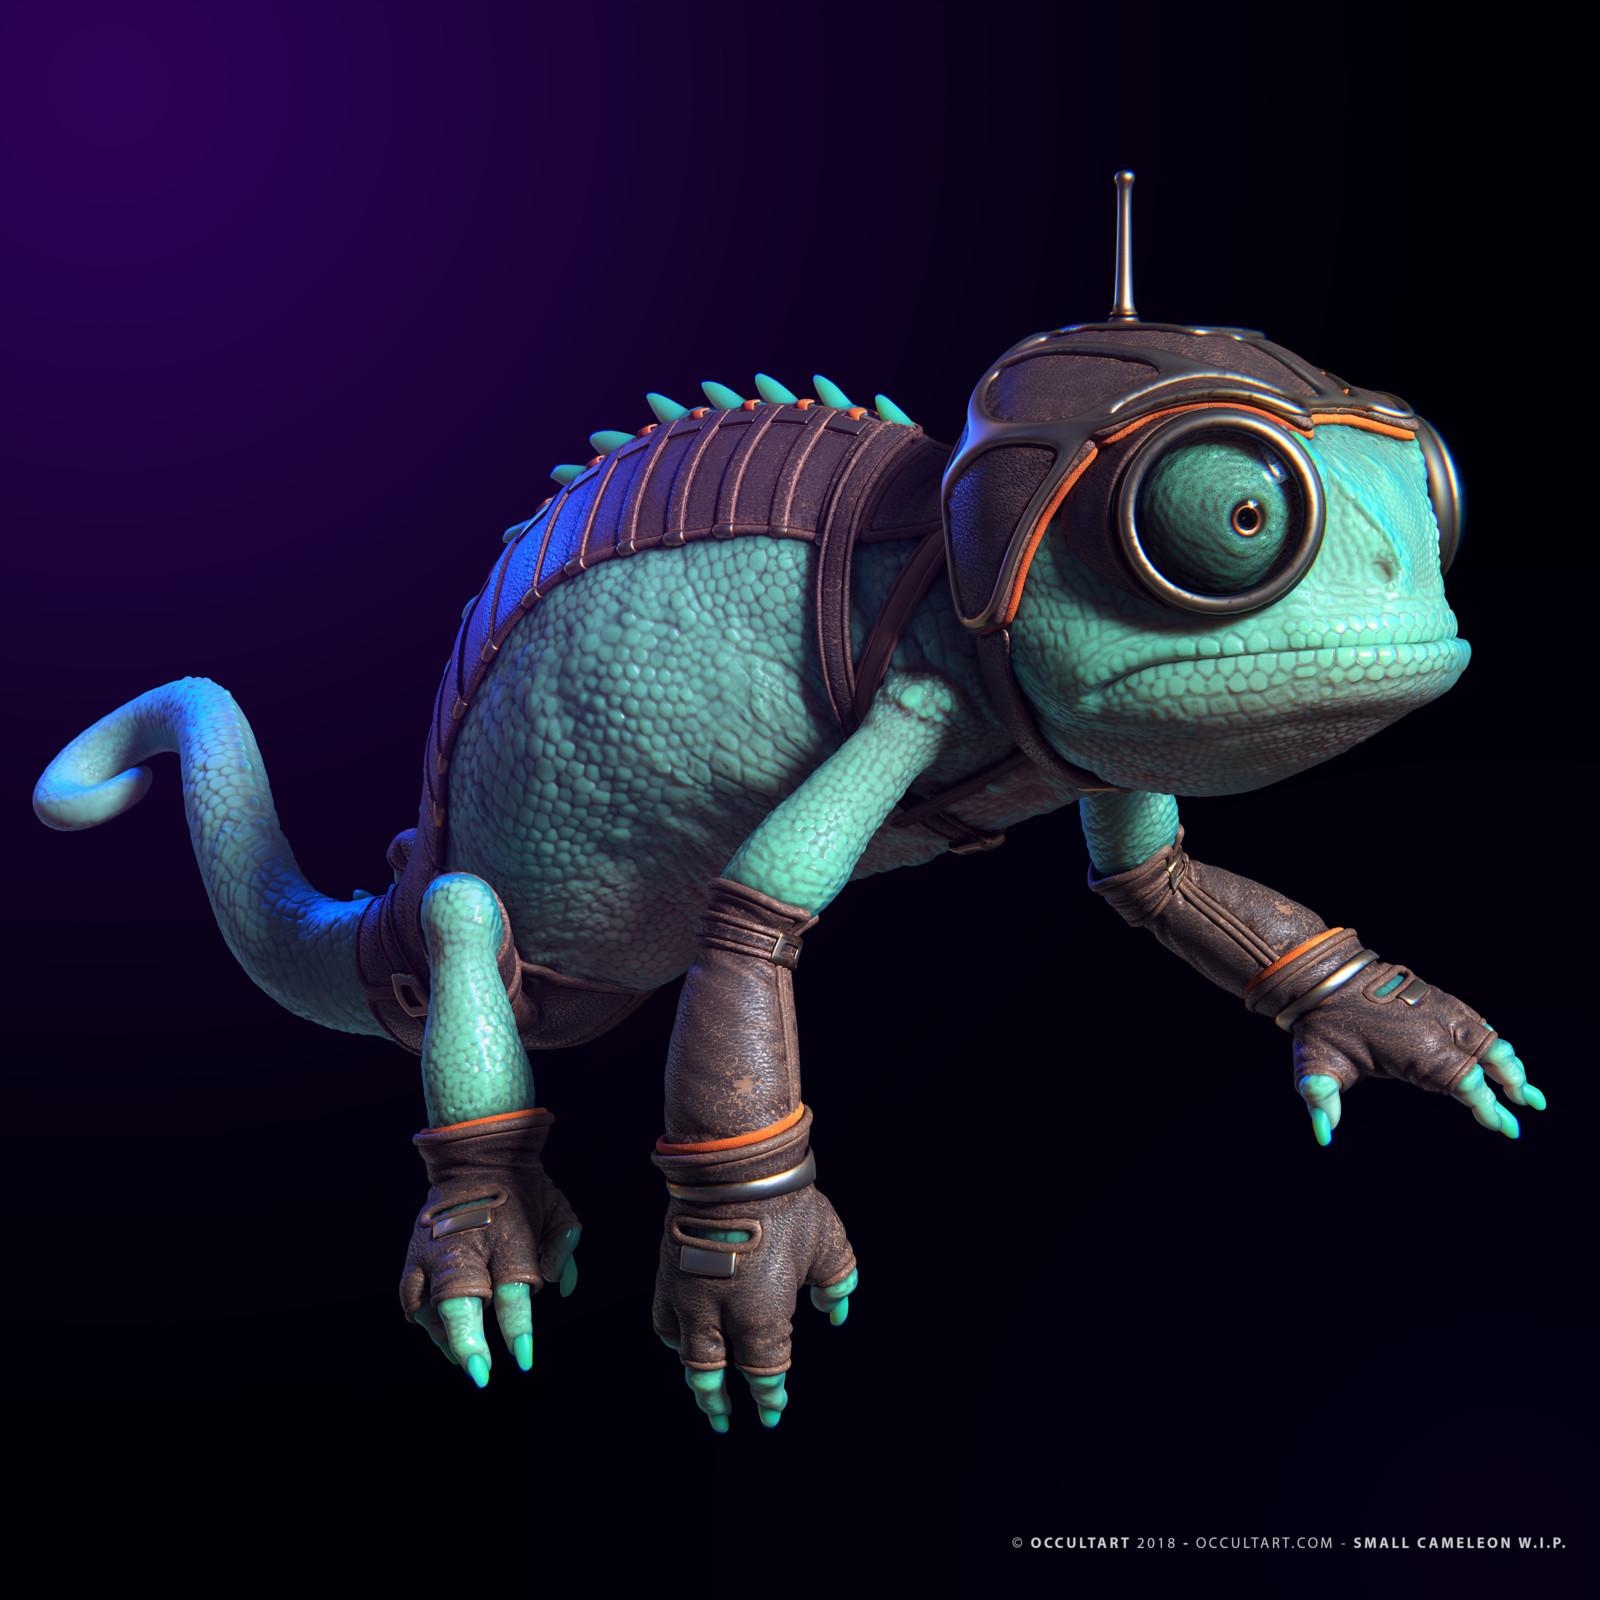 Small chameleon W.I.P.